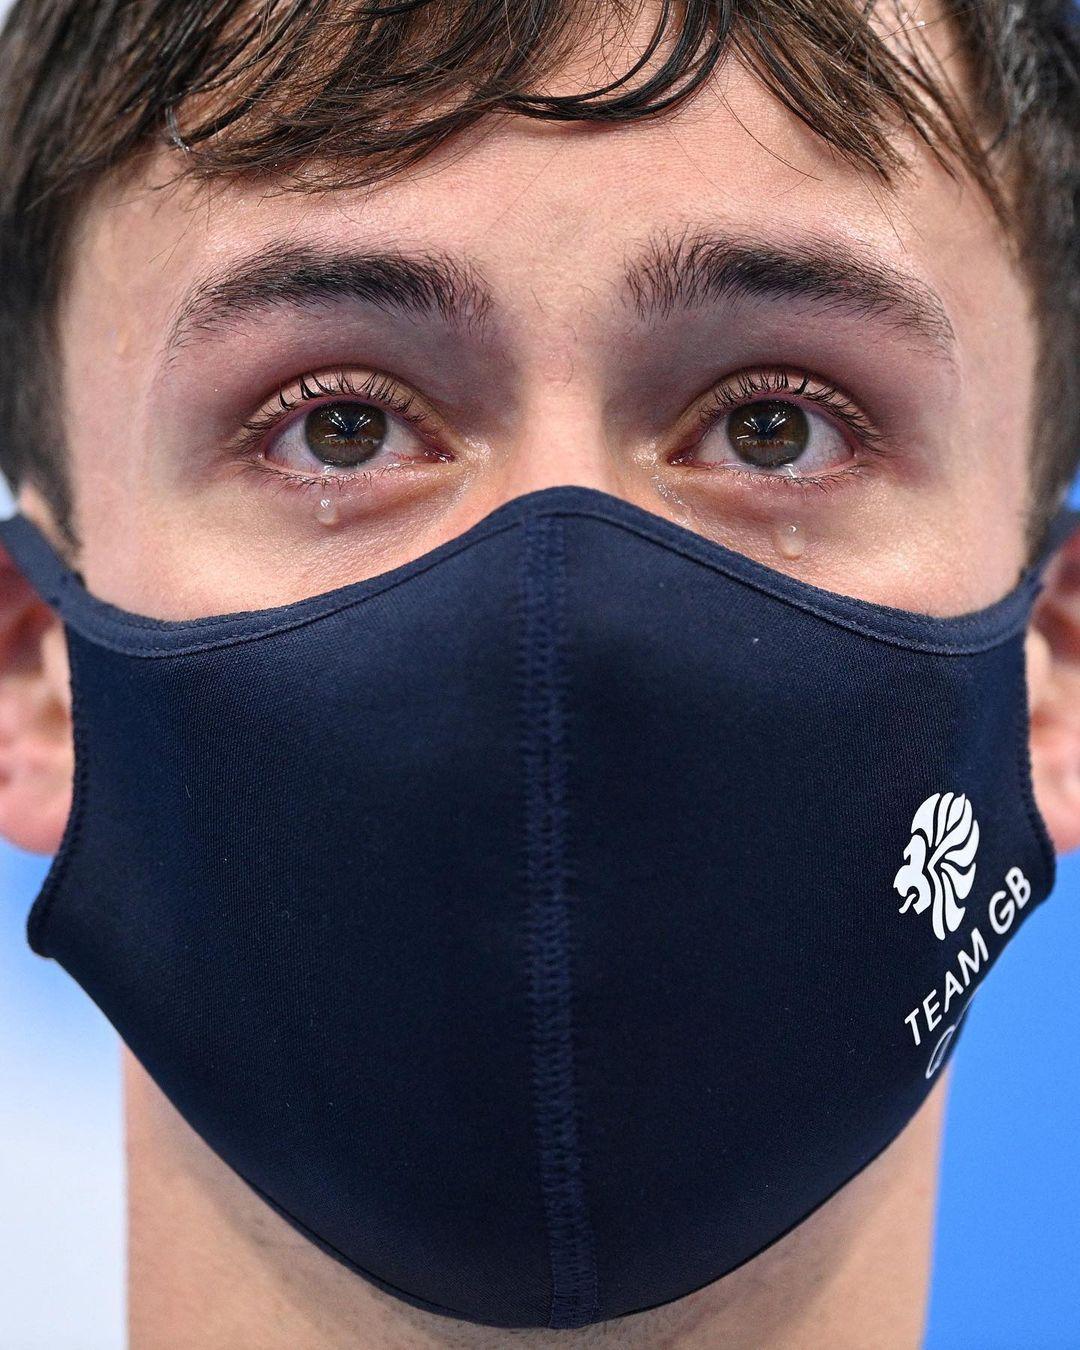 Tokyo 2020: Los 5 momentos más destacados de las olimpiadas hasta el momento